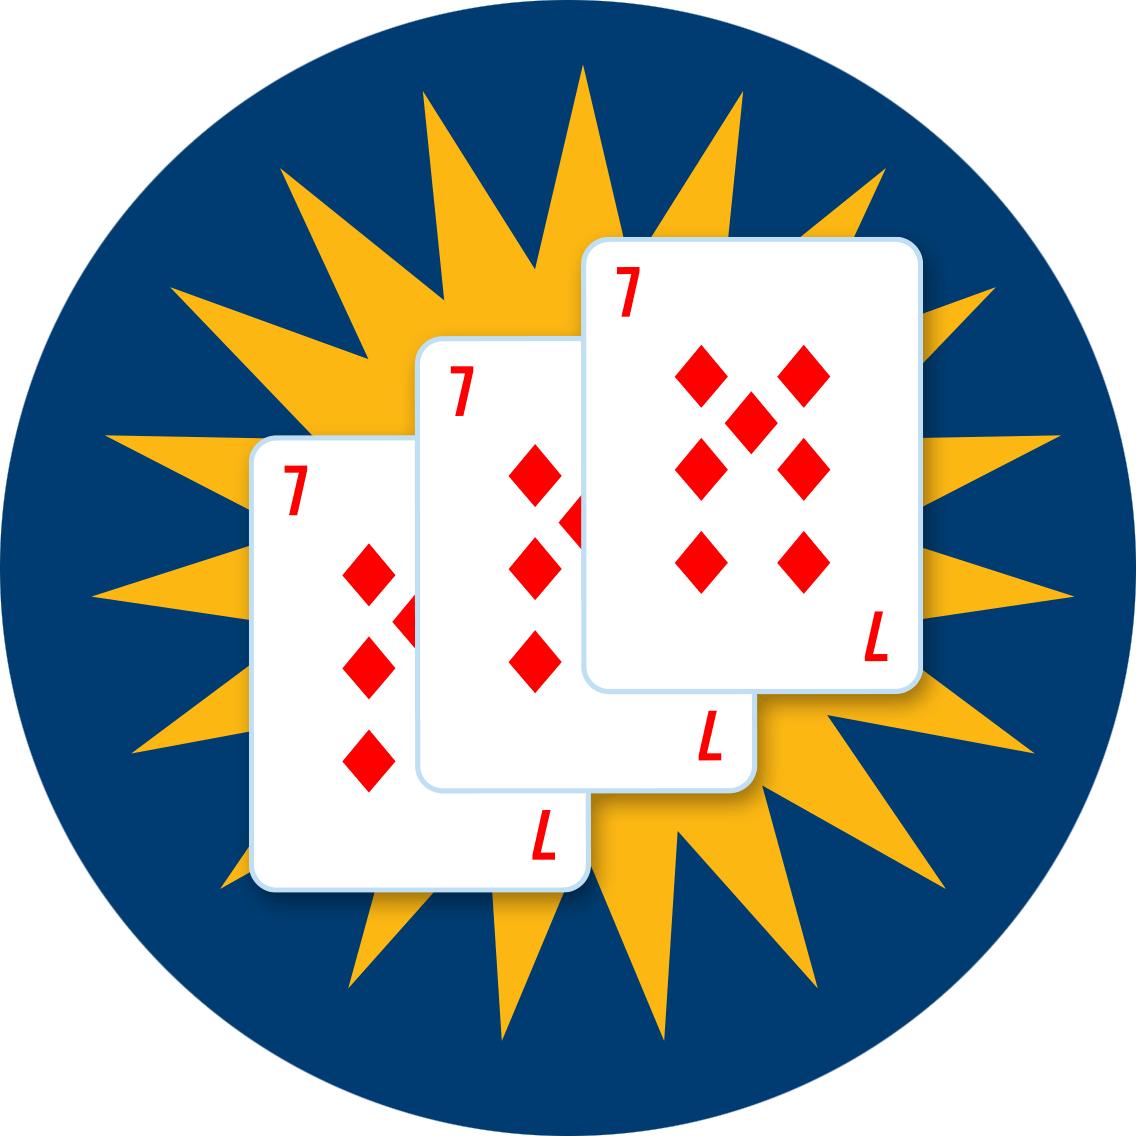 三张花色同为方块的7牌,背后後有一个星状特别奖金标志。